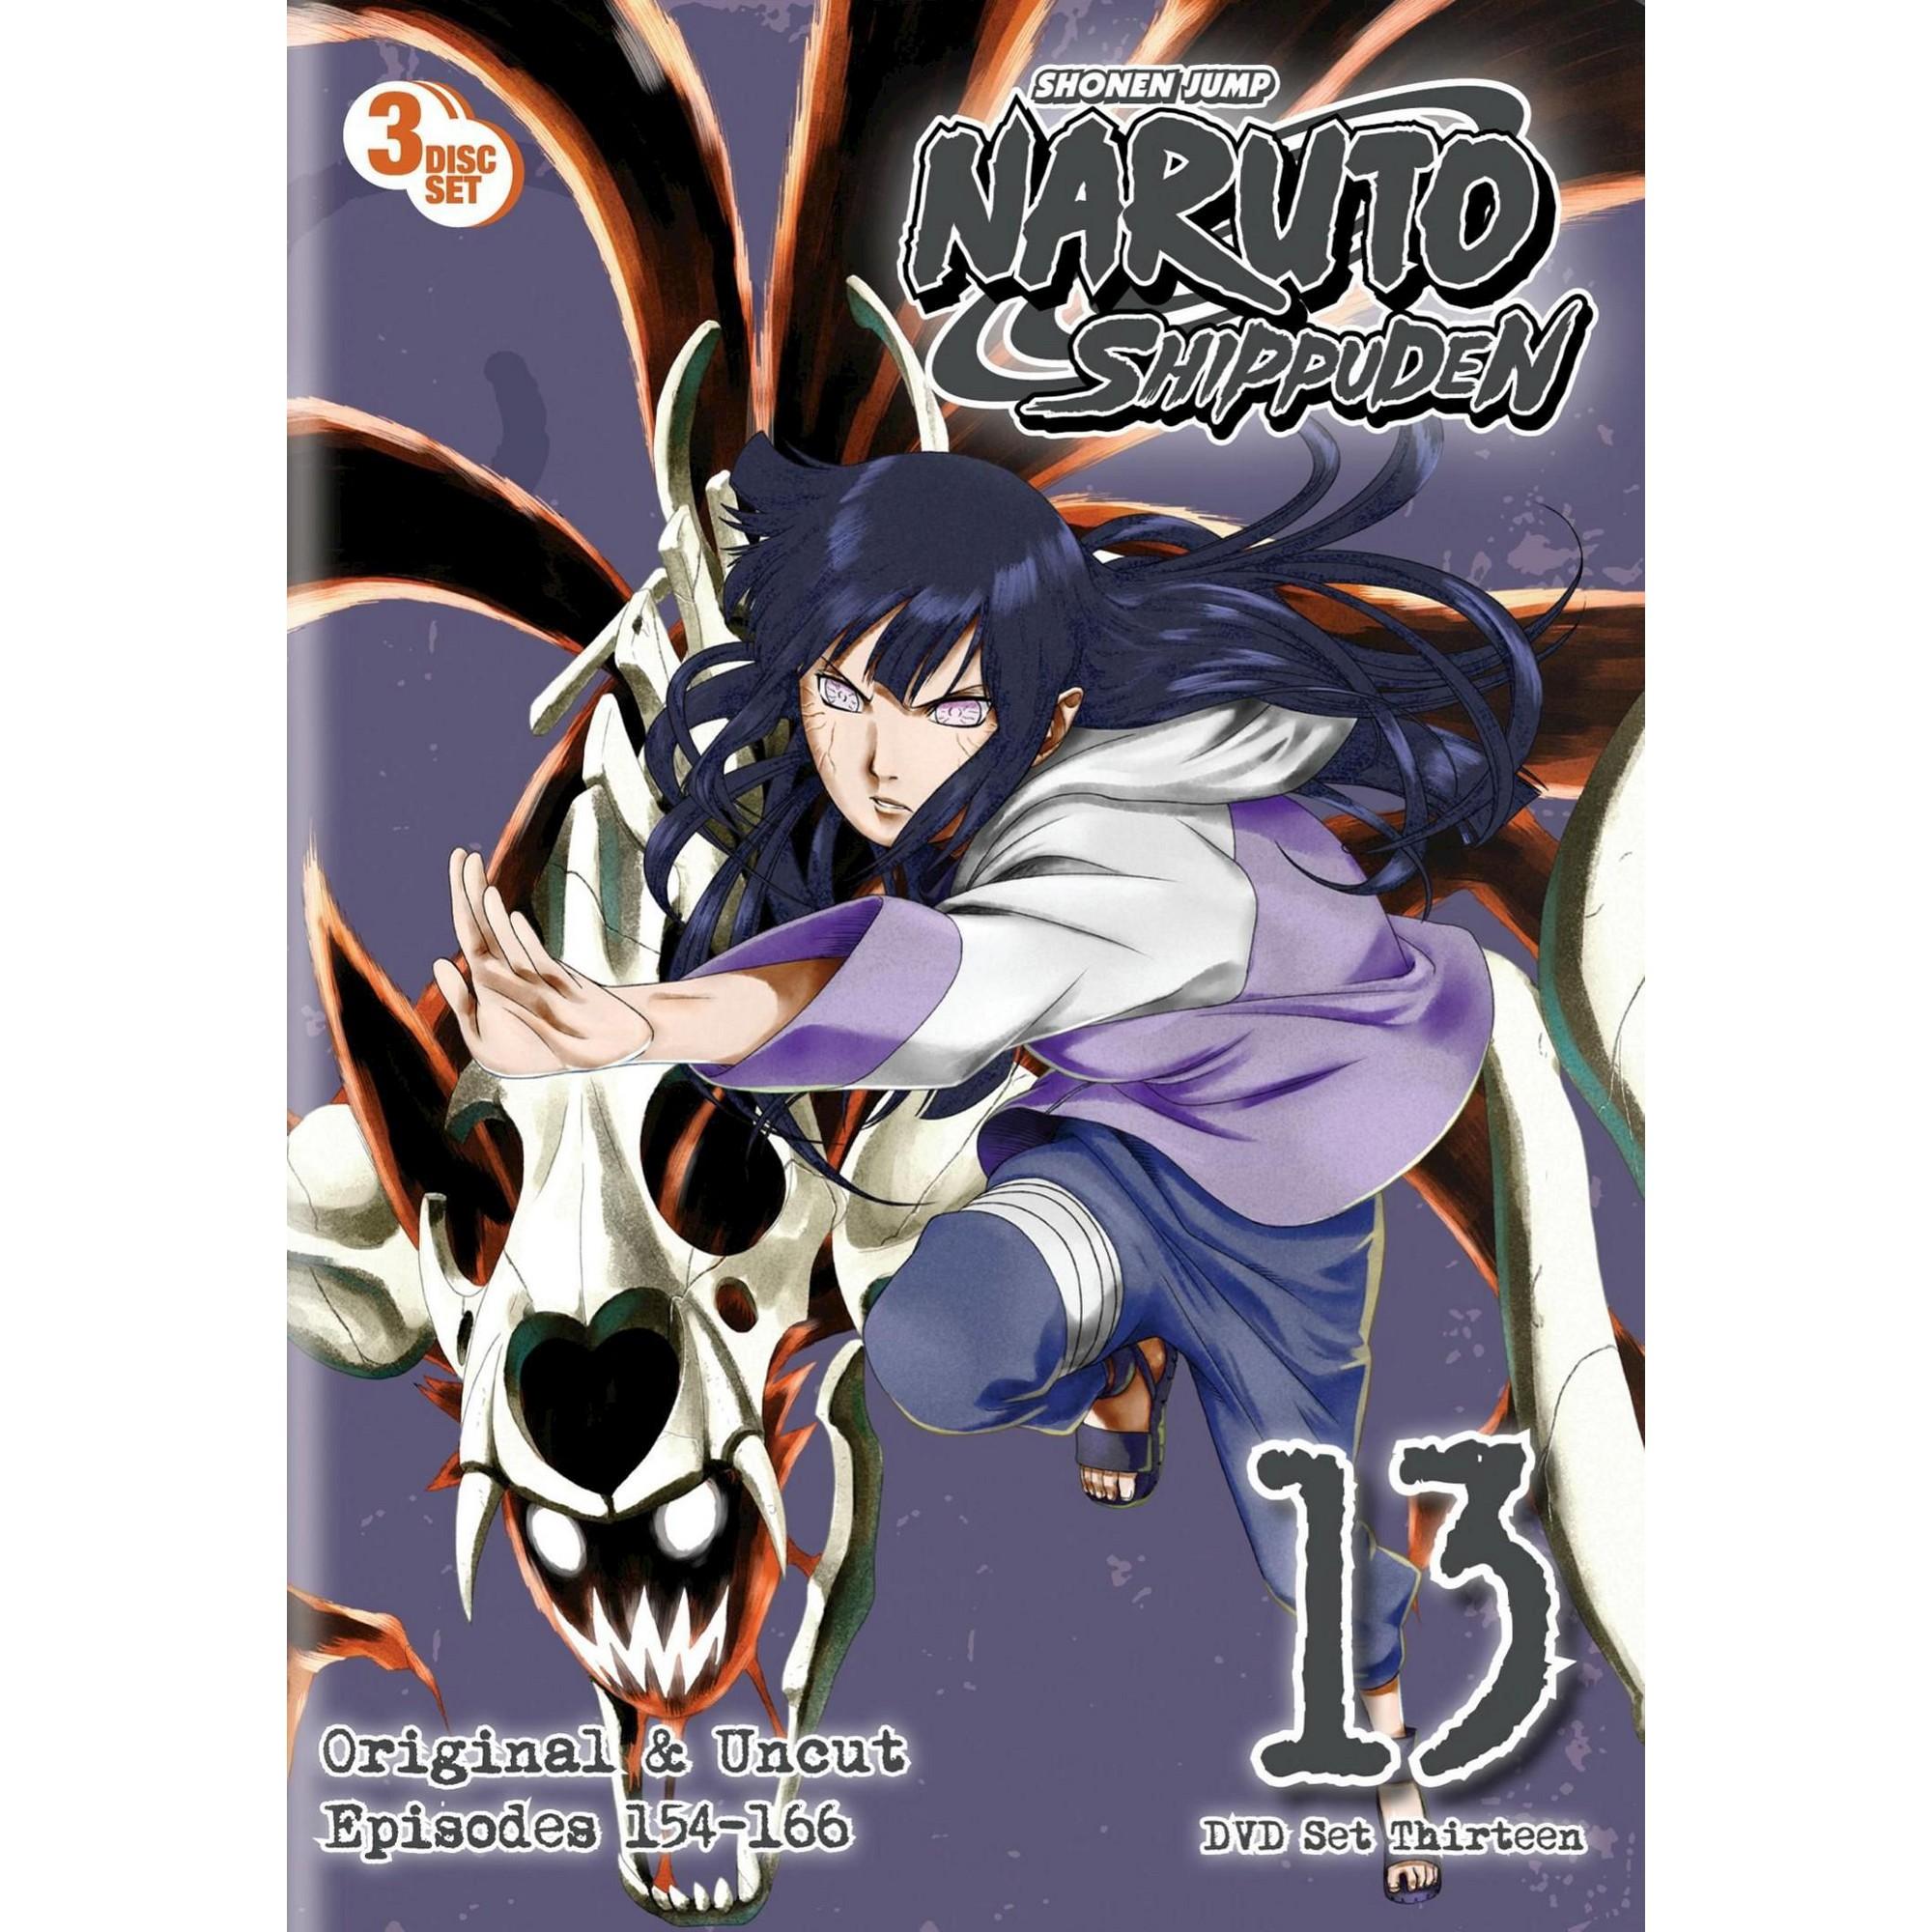 Naruto Shippuden Box Set 13 Dvd